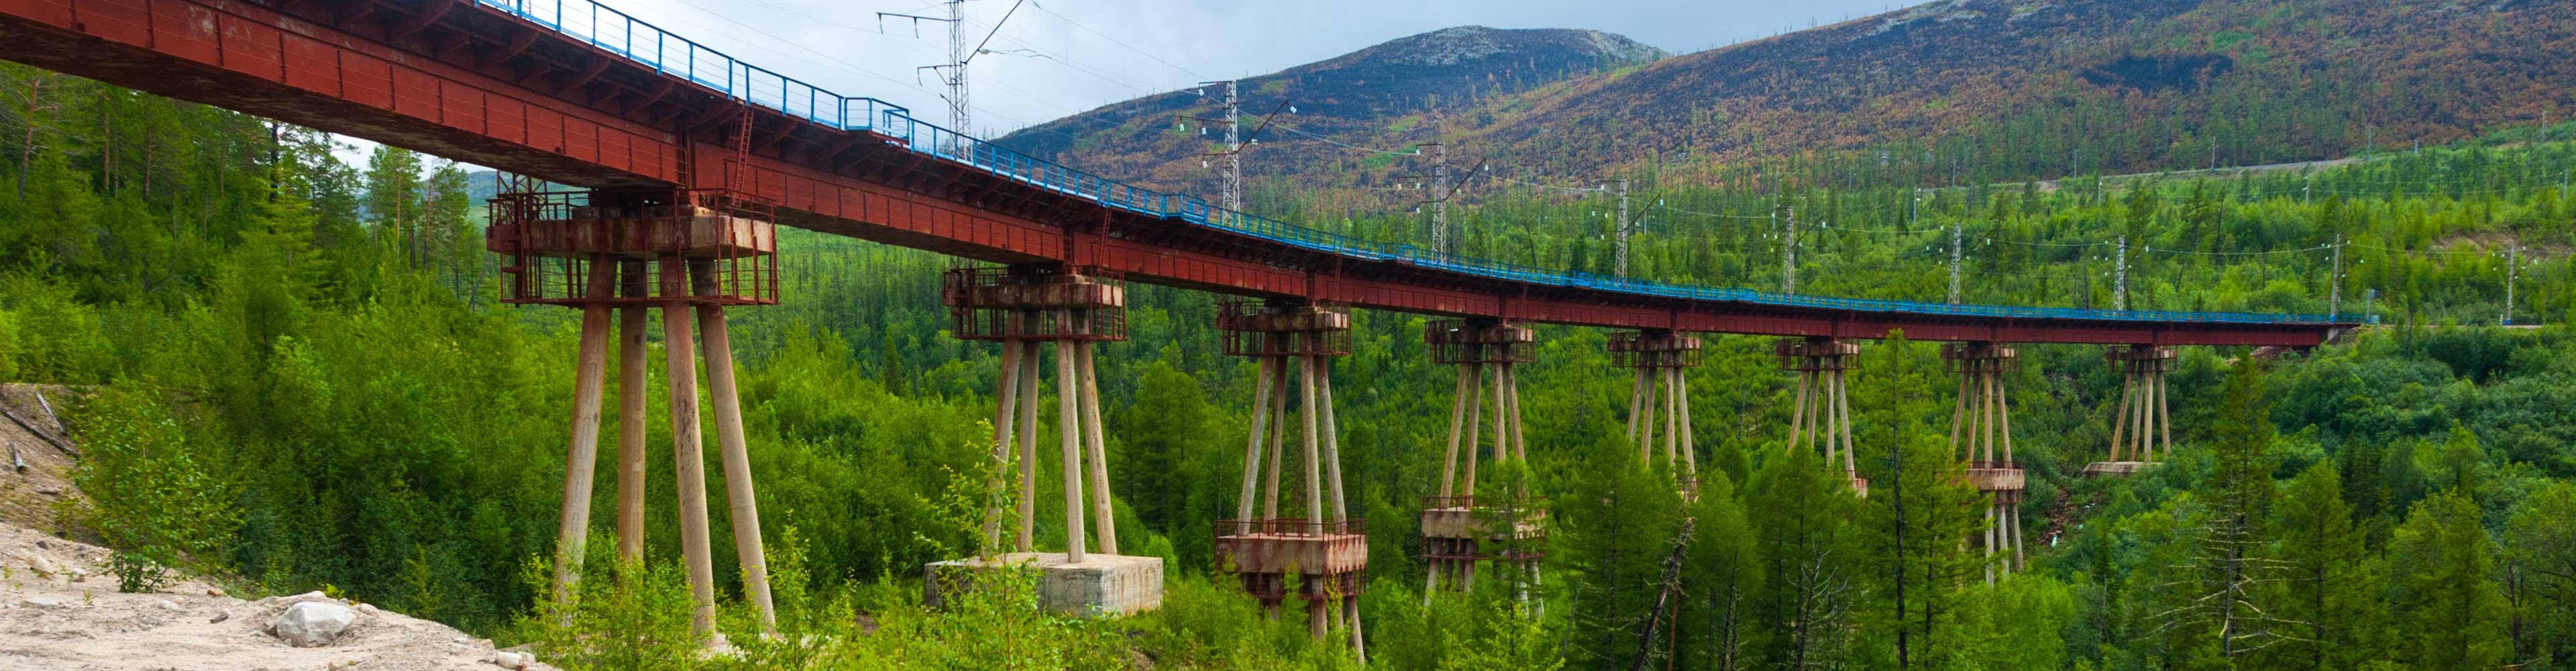 Russia Expedition: Baikal-Amur Railway